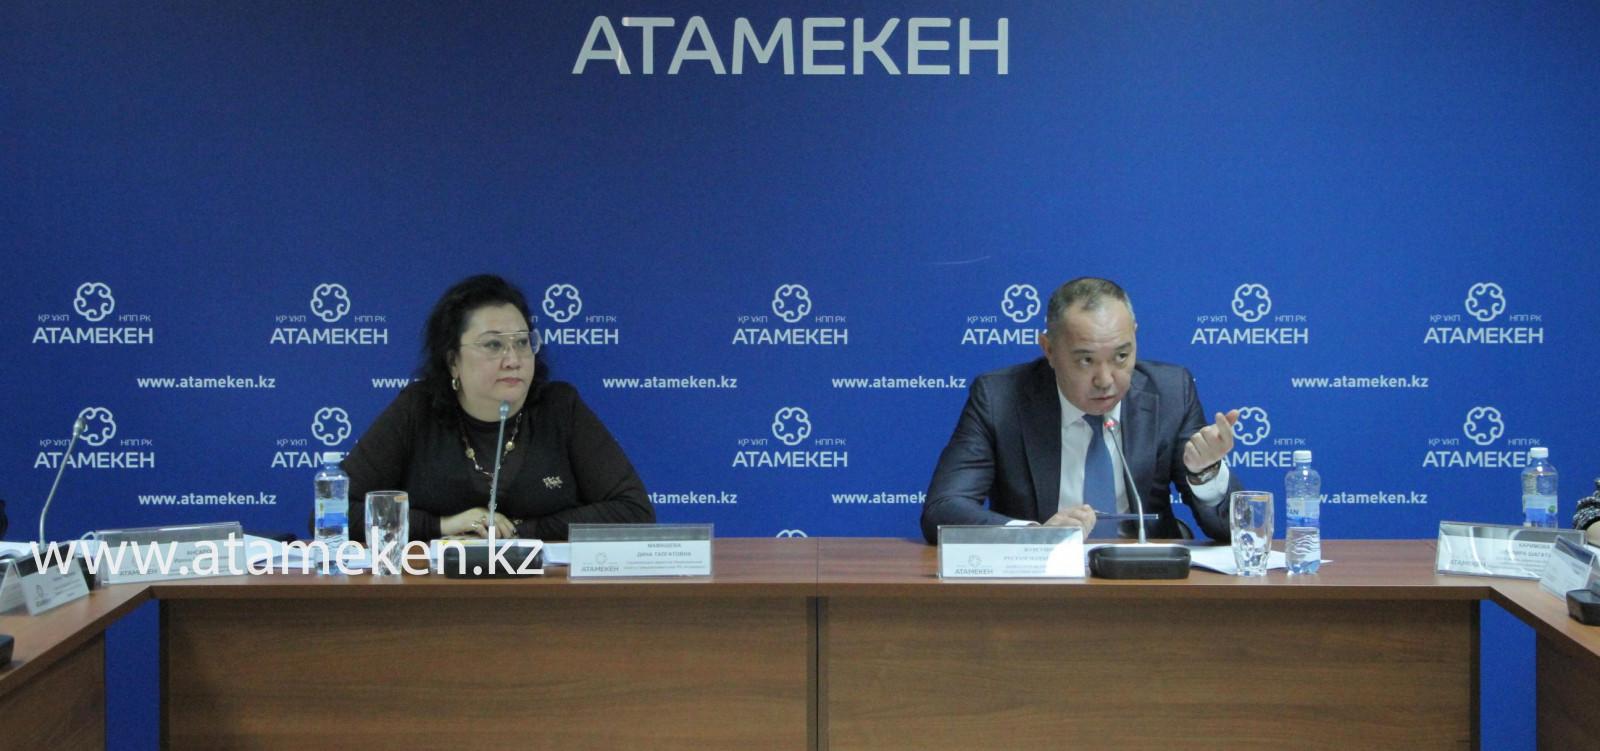 Бизнесмены РК назвали основные недочёты системы СУР в таможенных органах